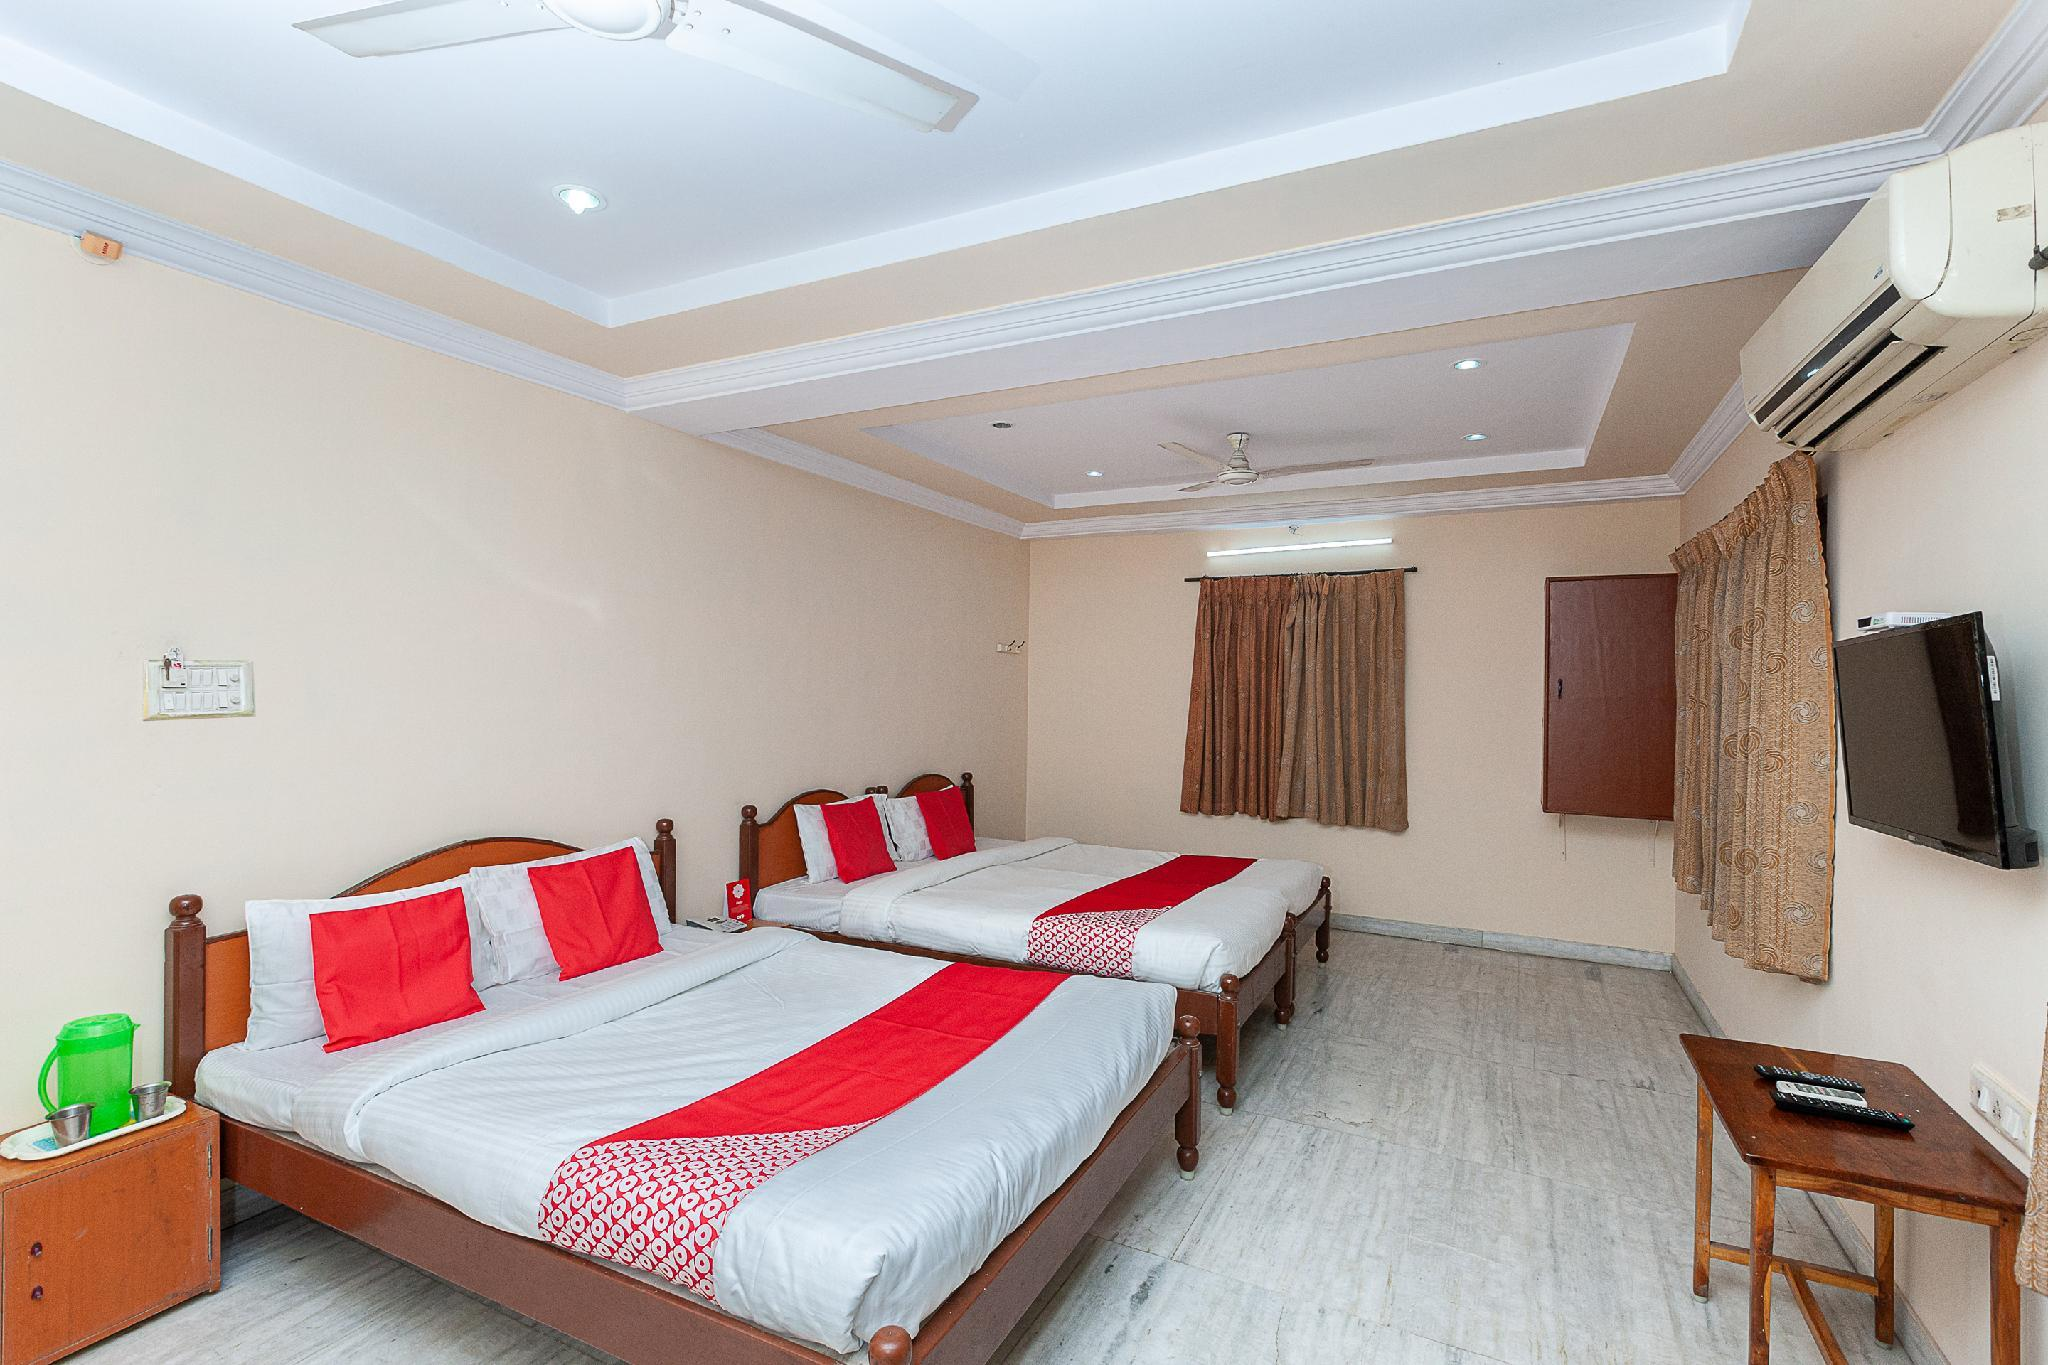 OYO 38559 Ramana Residency, Tiruvannamalai